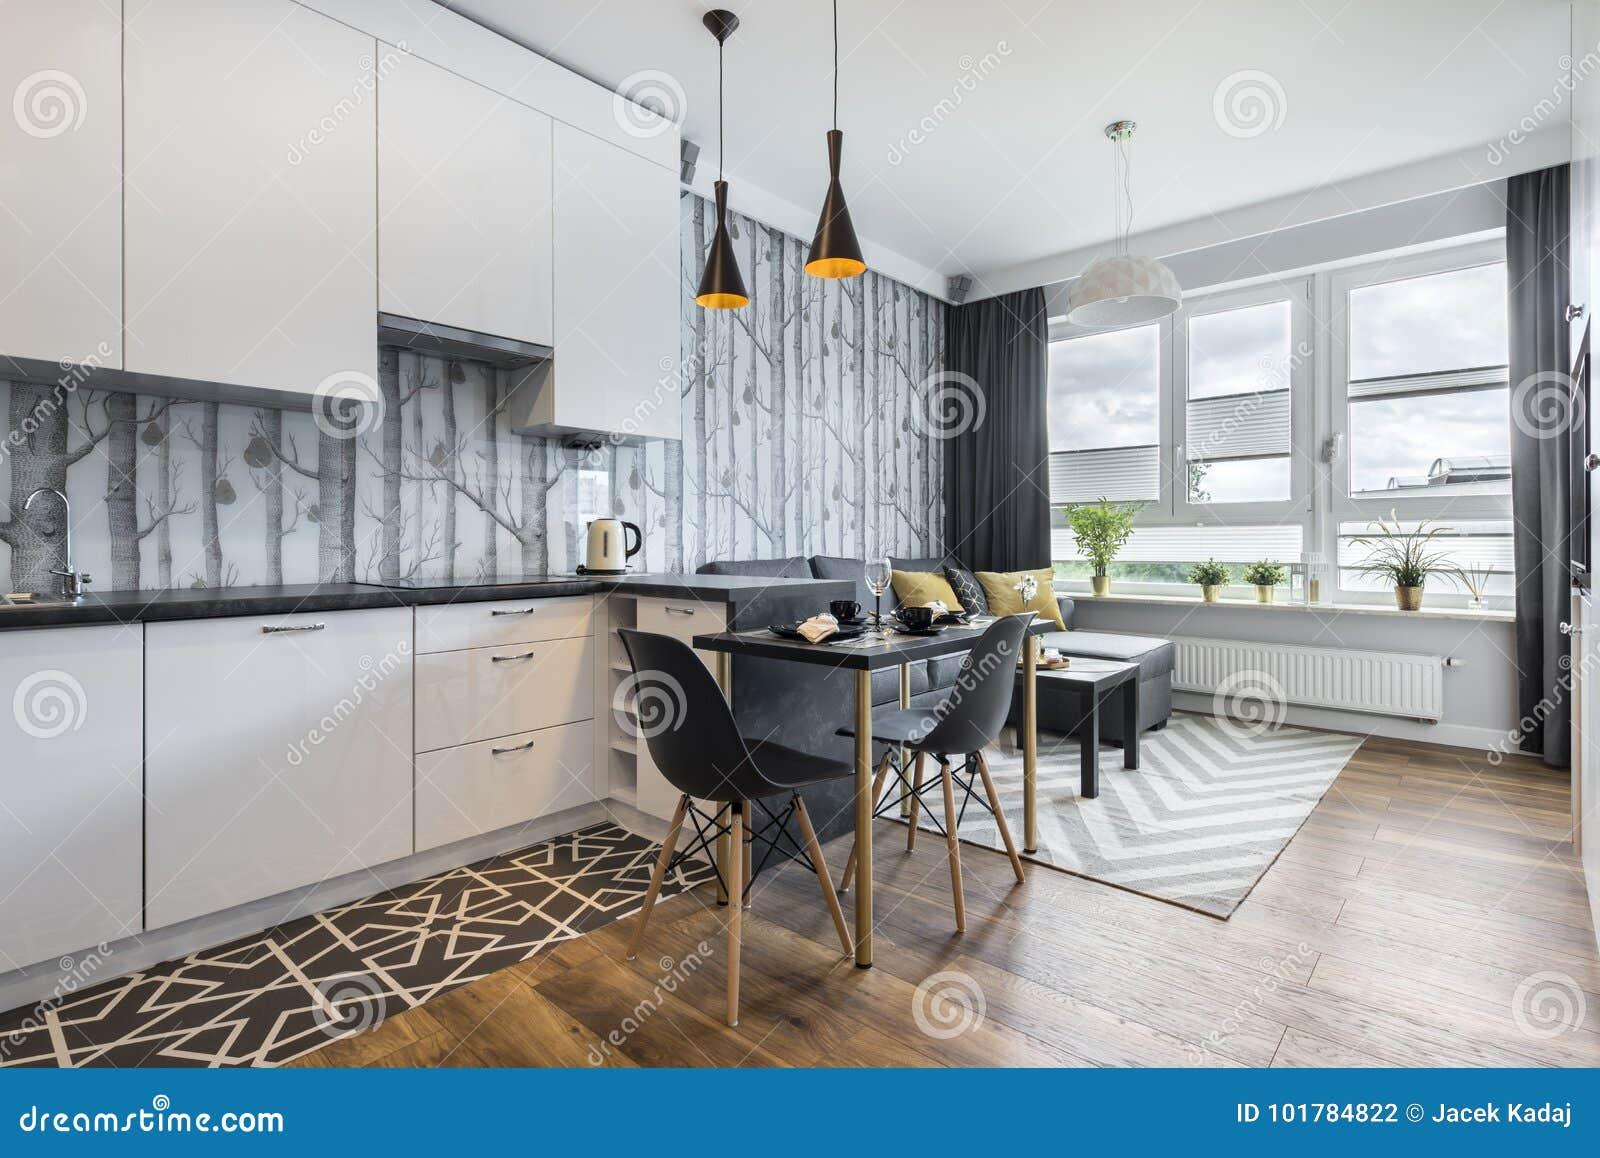 Moderner Kleiner Raum Mit Küche Stockfoto - Bild von ...